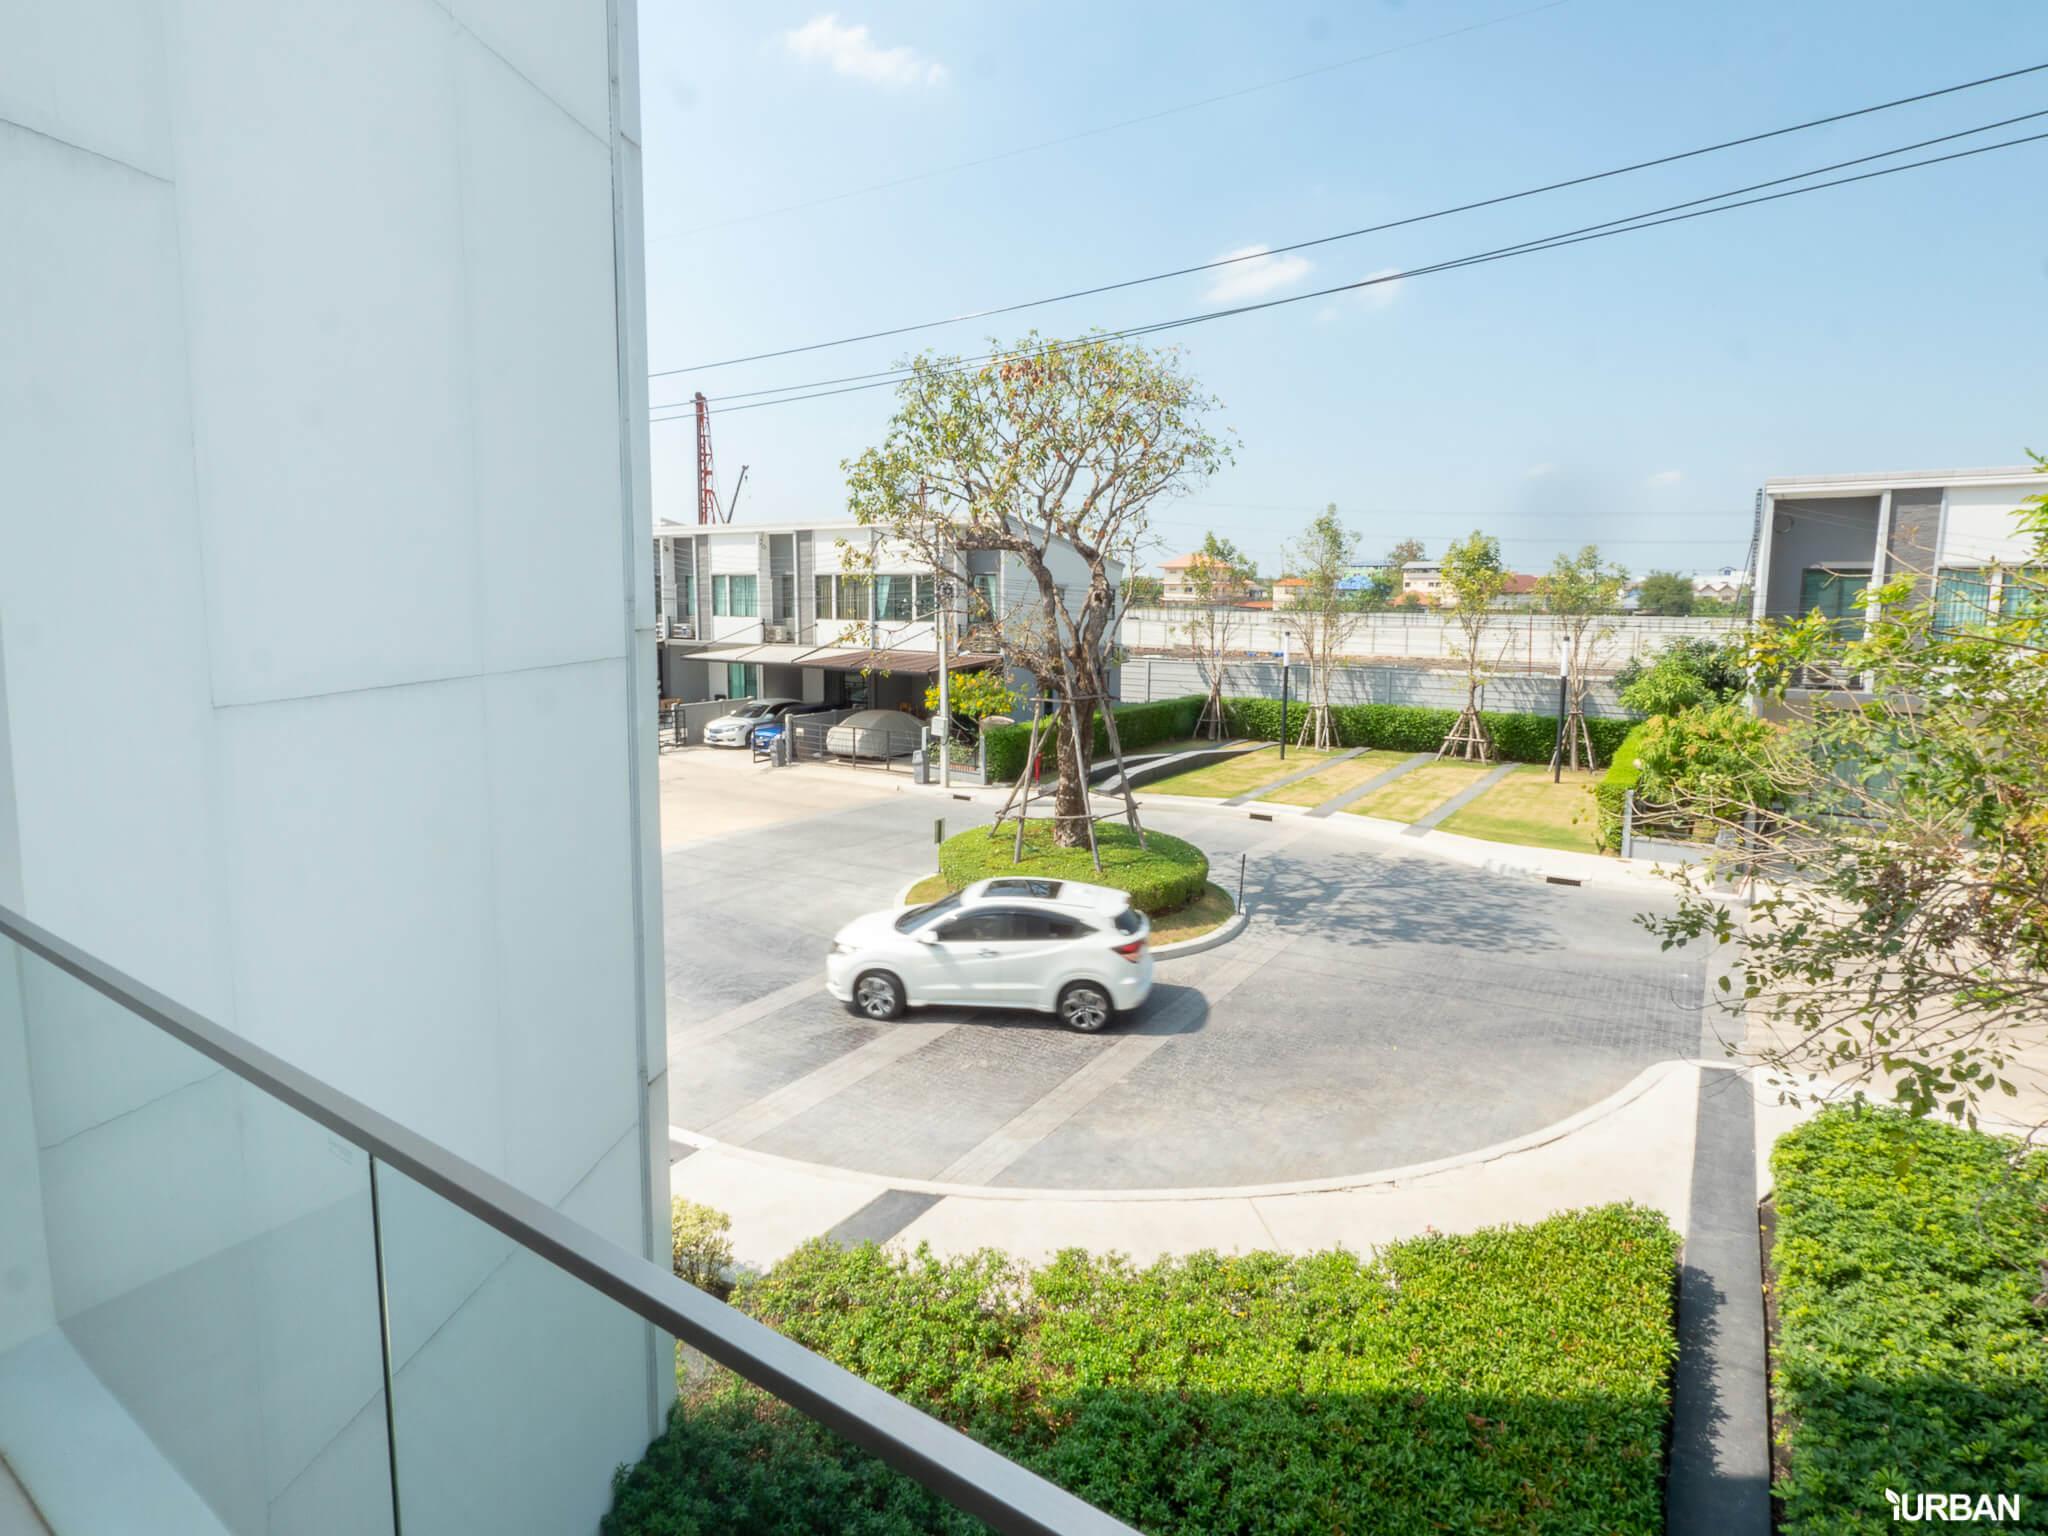 พาชมบ้านจริง PLENO พหลโยธิน-รังสิต ชีวิตทันสมัย ใกล้ฟิวเจอร์พาร์ครังสิต เริ่มแค่ 1.99 ลบ. 35 - AP (Thailand) - เอพี (ไทยแลนด์)